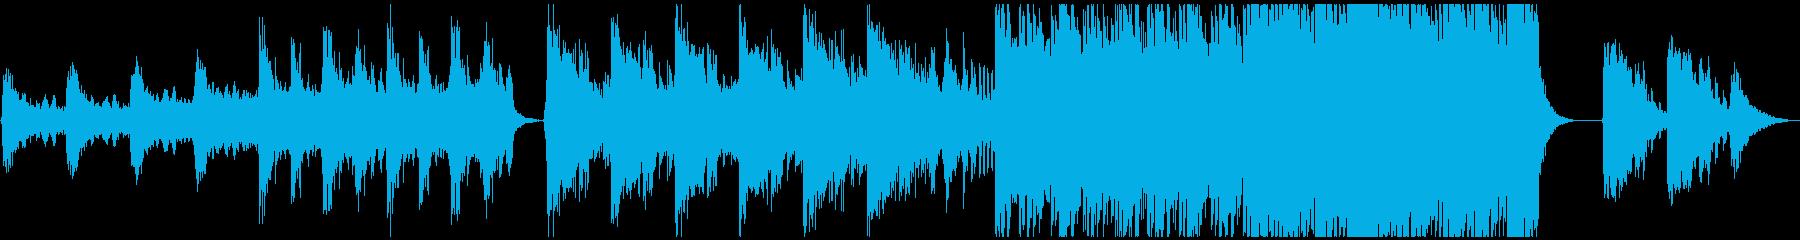 【予告編】ハリウッド・トレーラーの再生済みの波形